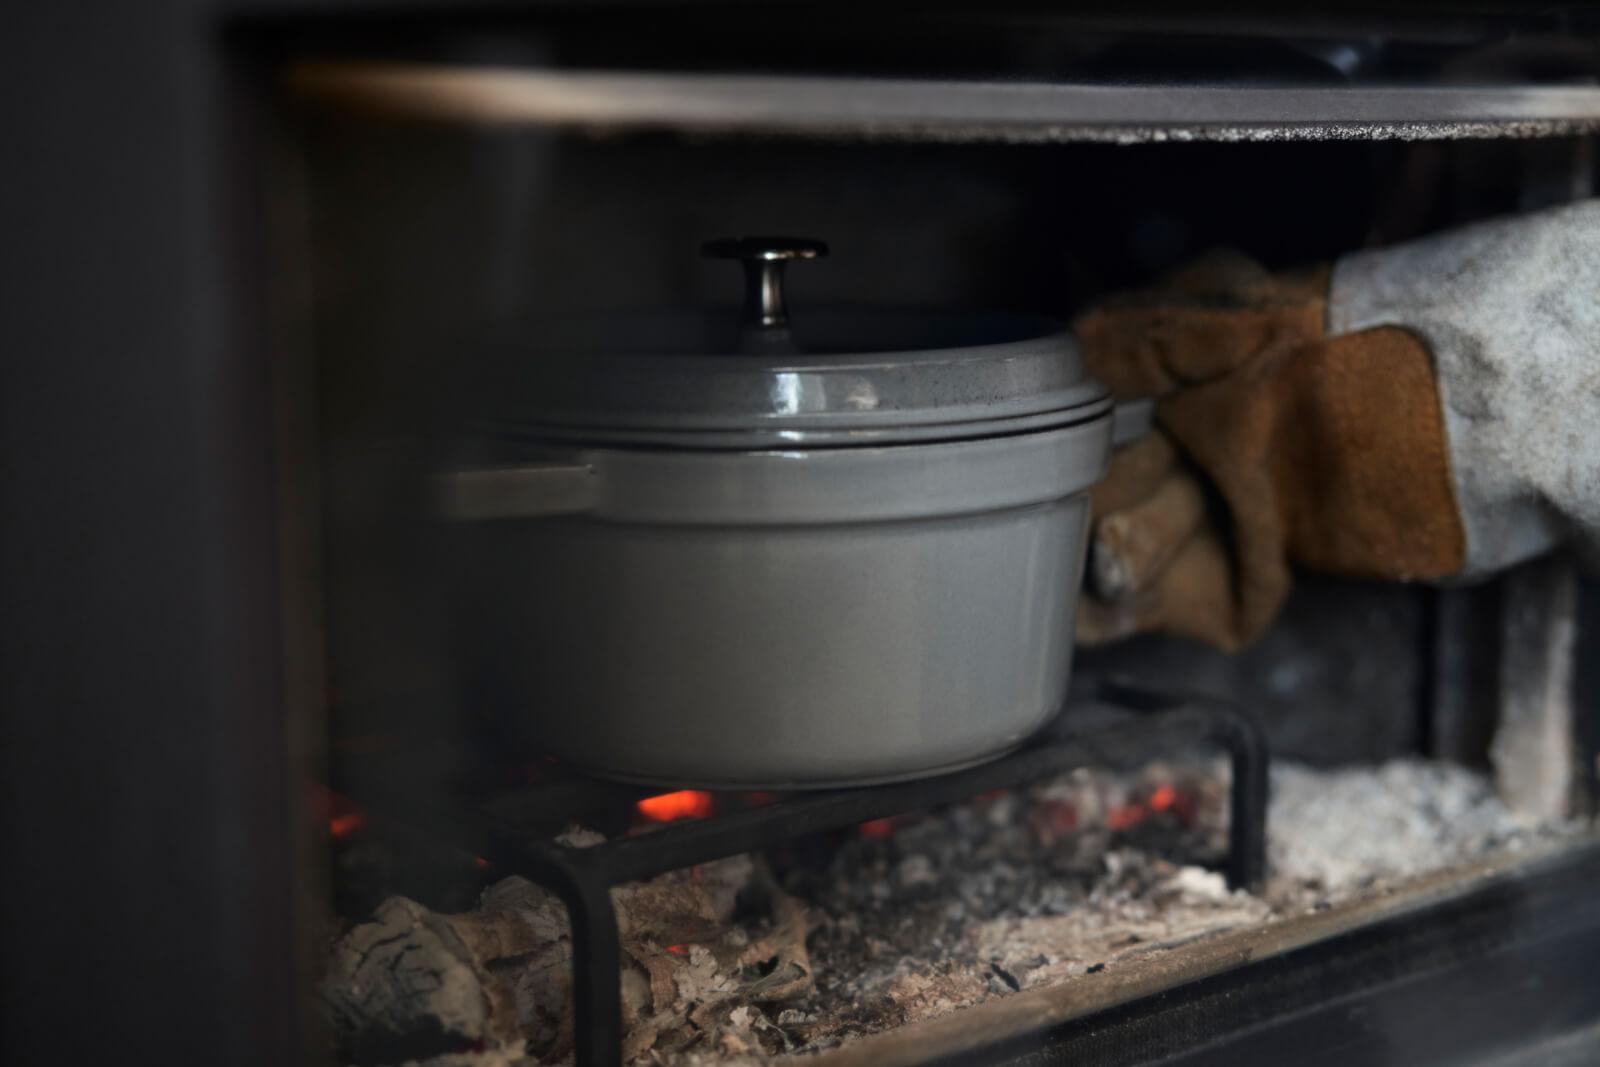 薪ストーブの楽しみの一つが薪ストーブクッキング。この機種は天板、炉内、灰受け皿のそれぞれで調理が楽しめる。遠赤外線効果により、素材の芯にまで簡単に火が通るのが魅力だ